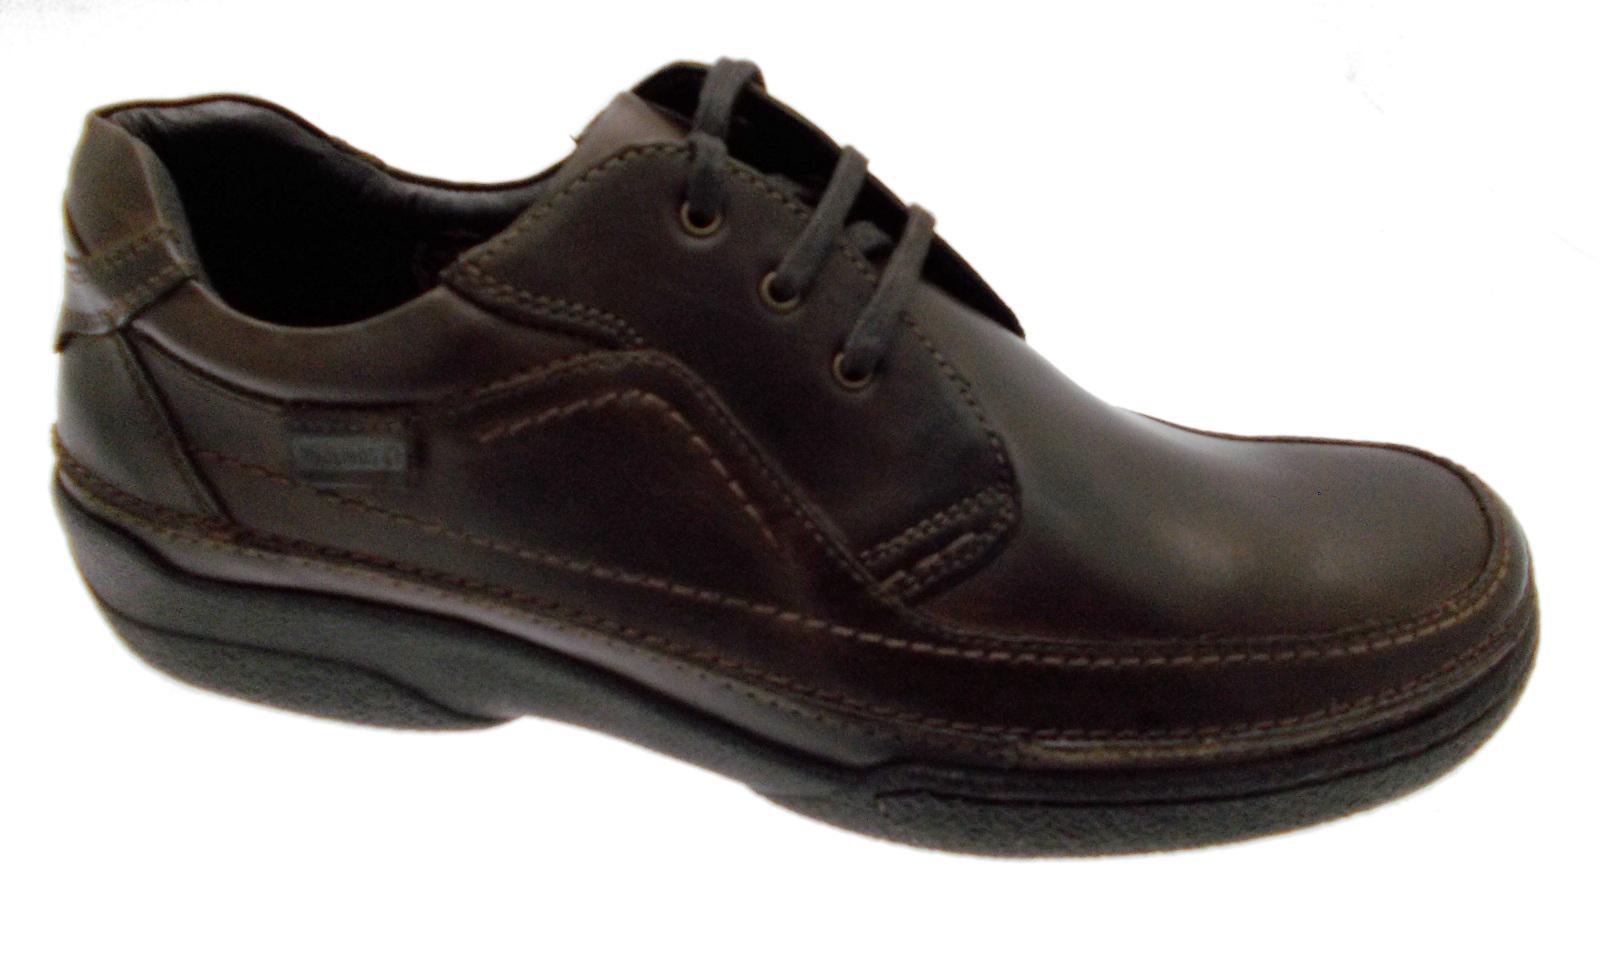 bruin lederen veters art 04K-5621 classic shoe man Pikolinos